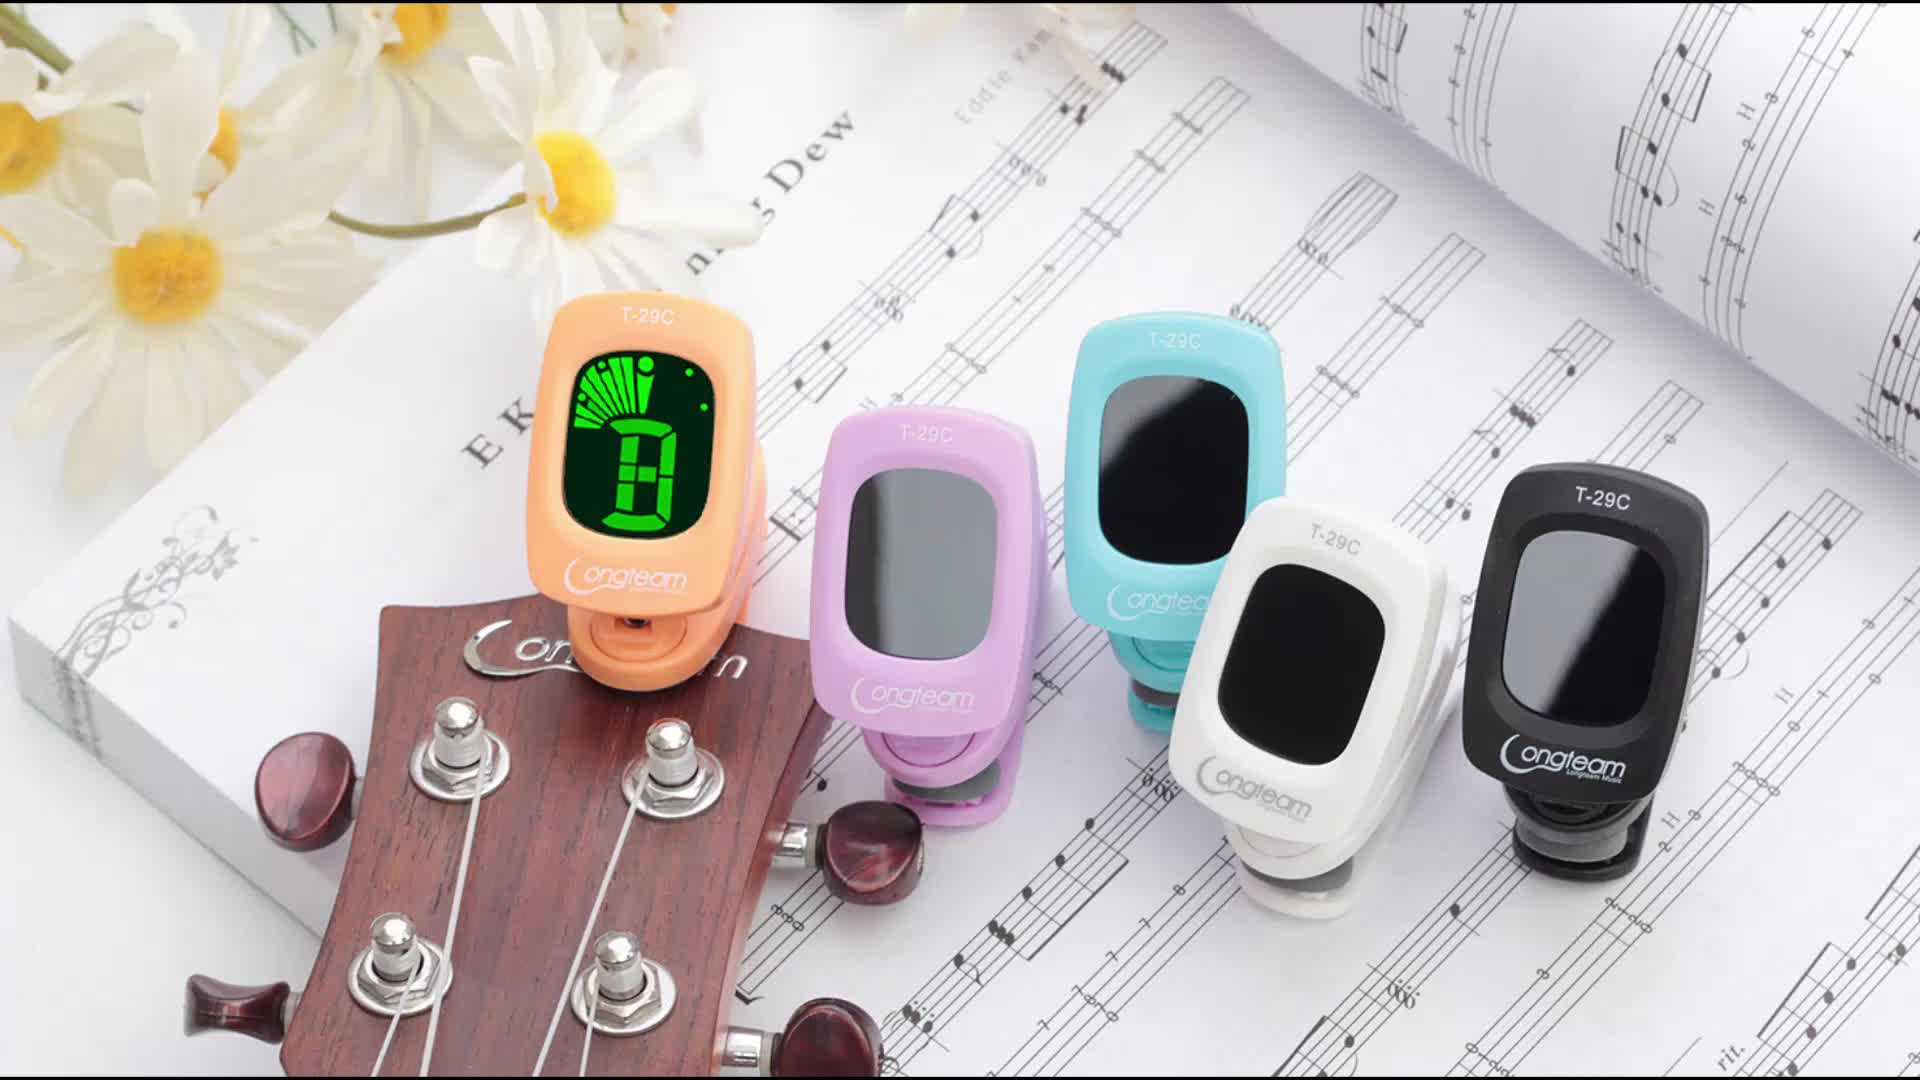 क्लिप-गिटार गिटार और बास ट्यूनर पर, क्लासिक और ध्वनिक गिटार ट्यूनर, वायलिन सामान